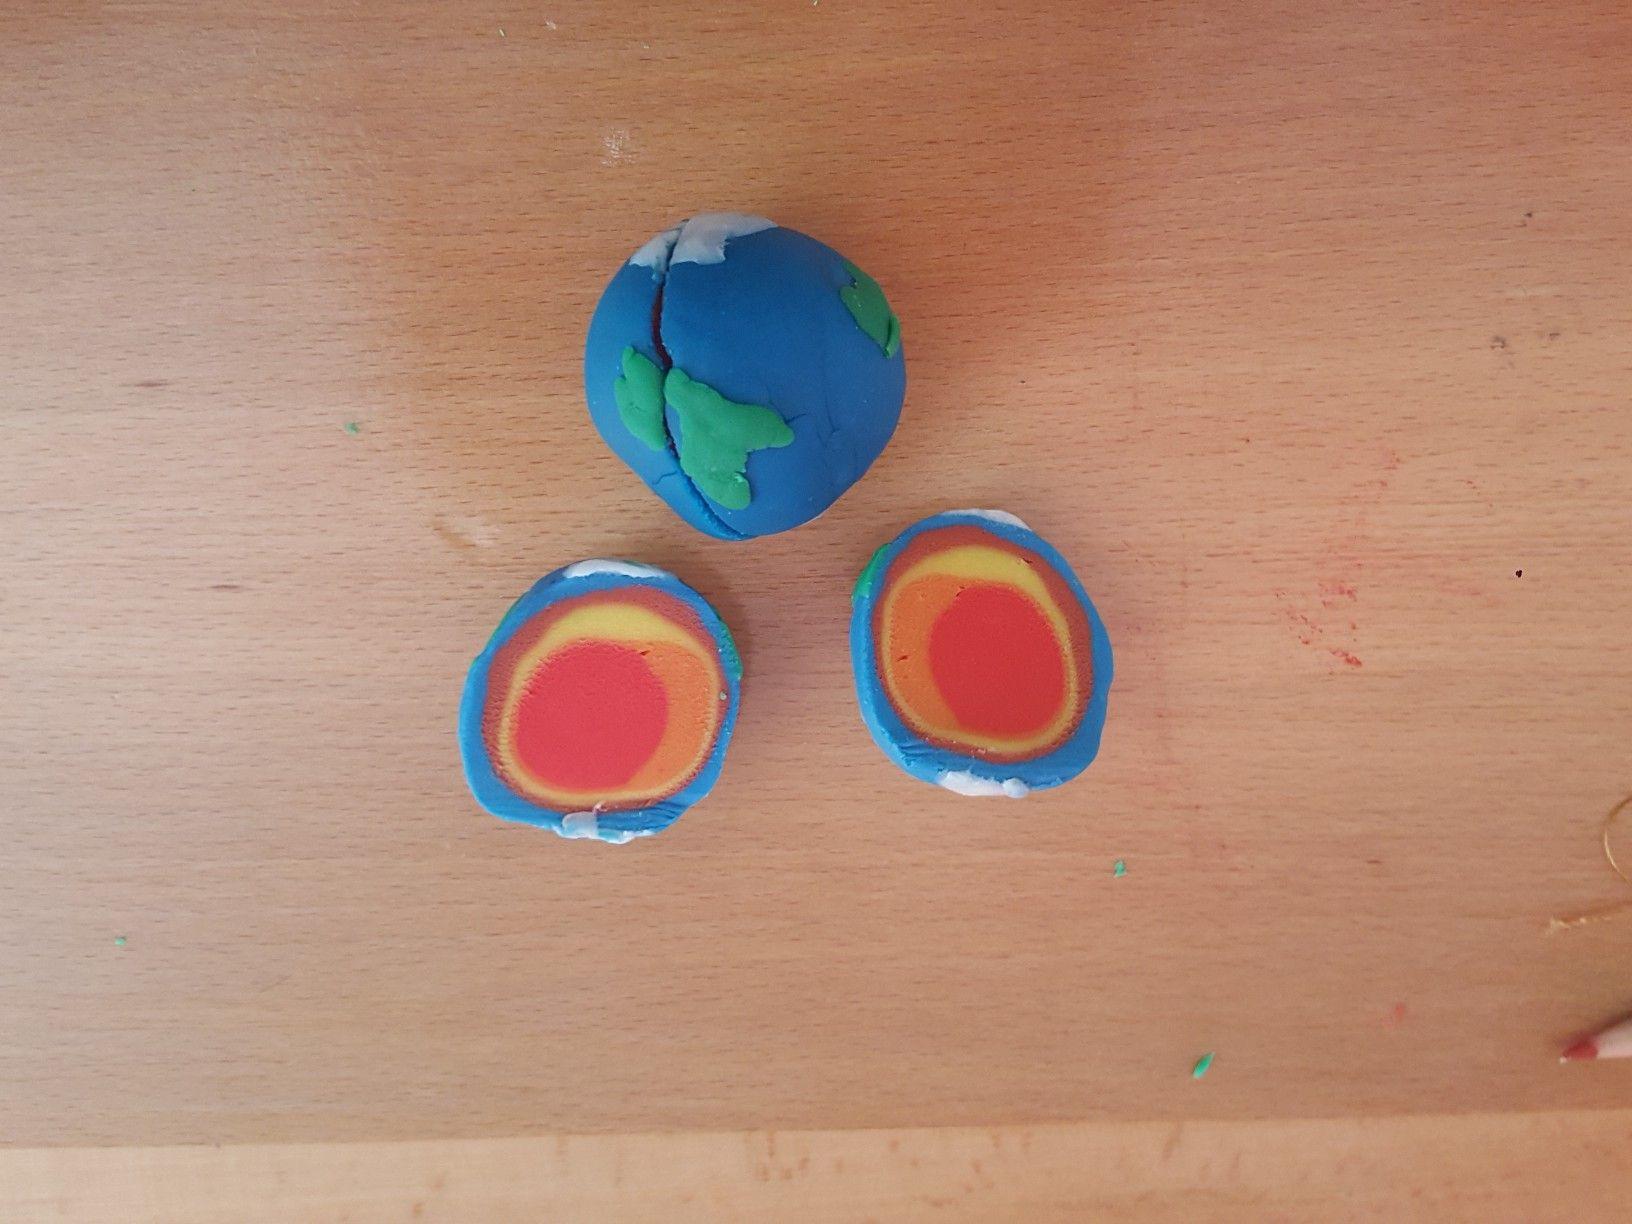 Dünyanın Katmanları 3sınıf Fen Bilimleri Sınıf Pinterest